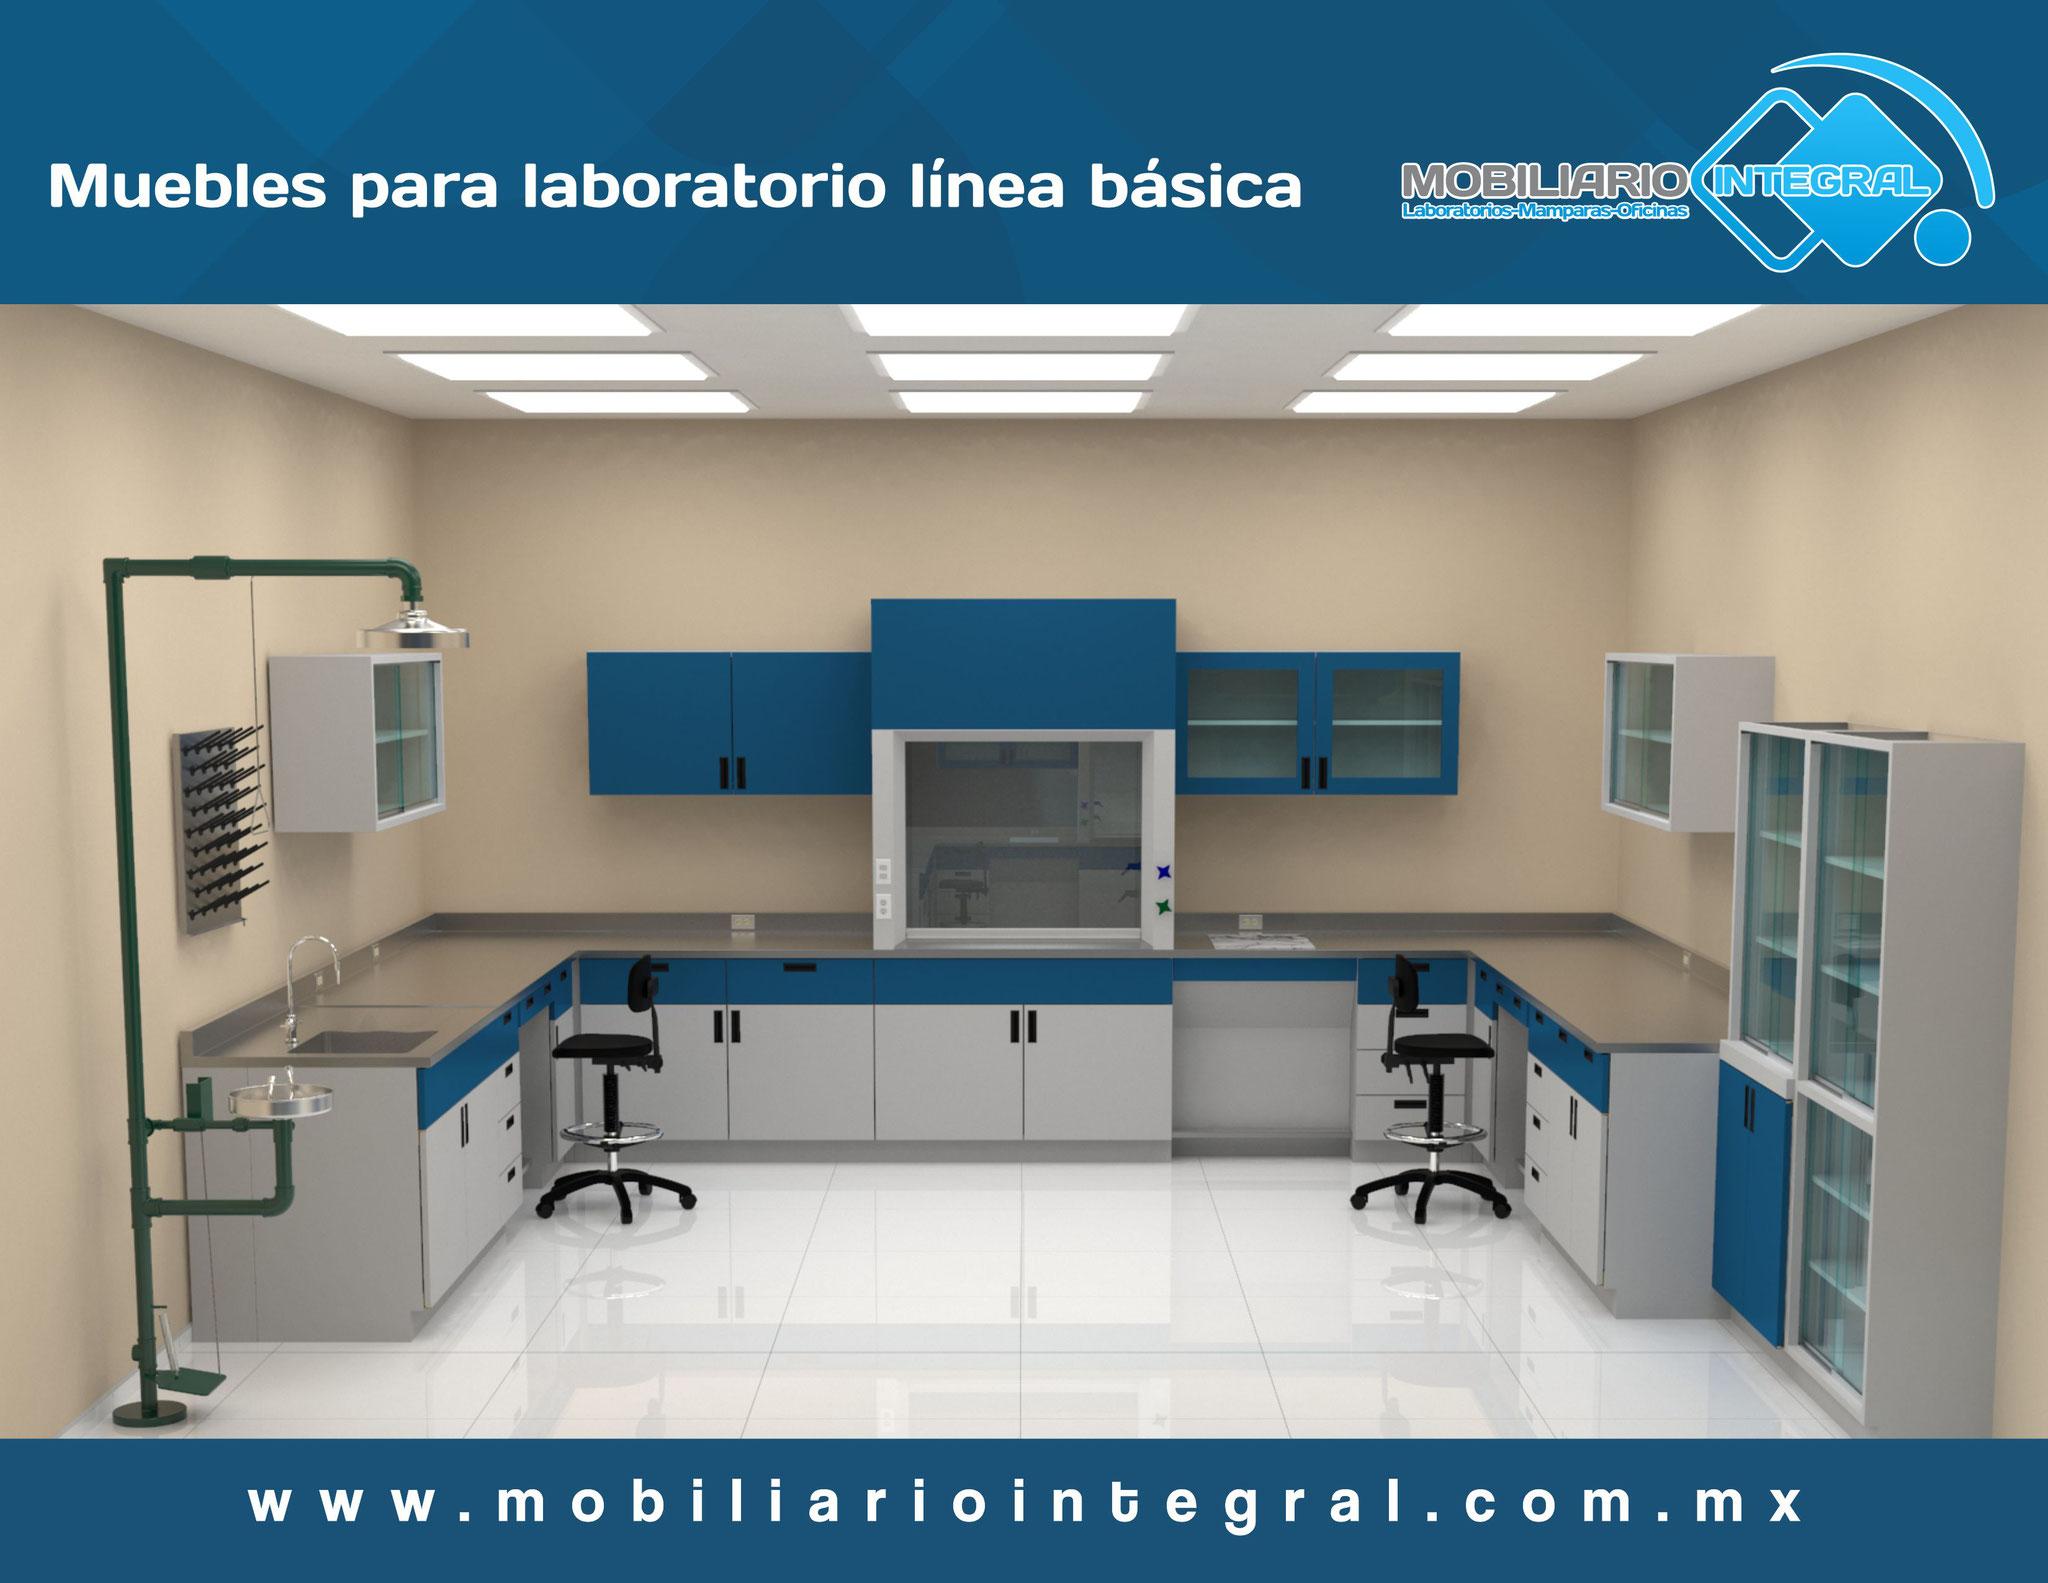 Muebles para laboratorio en Morelia